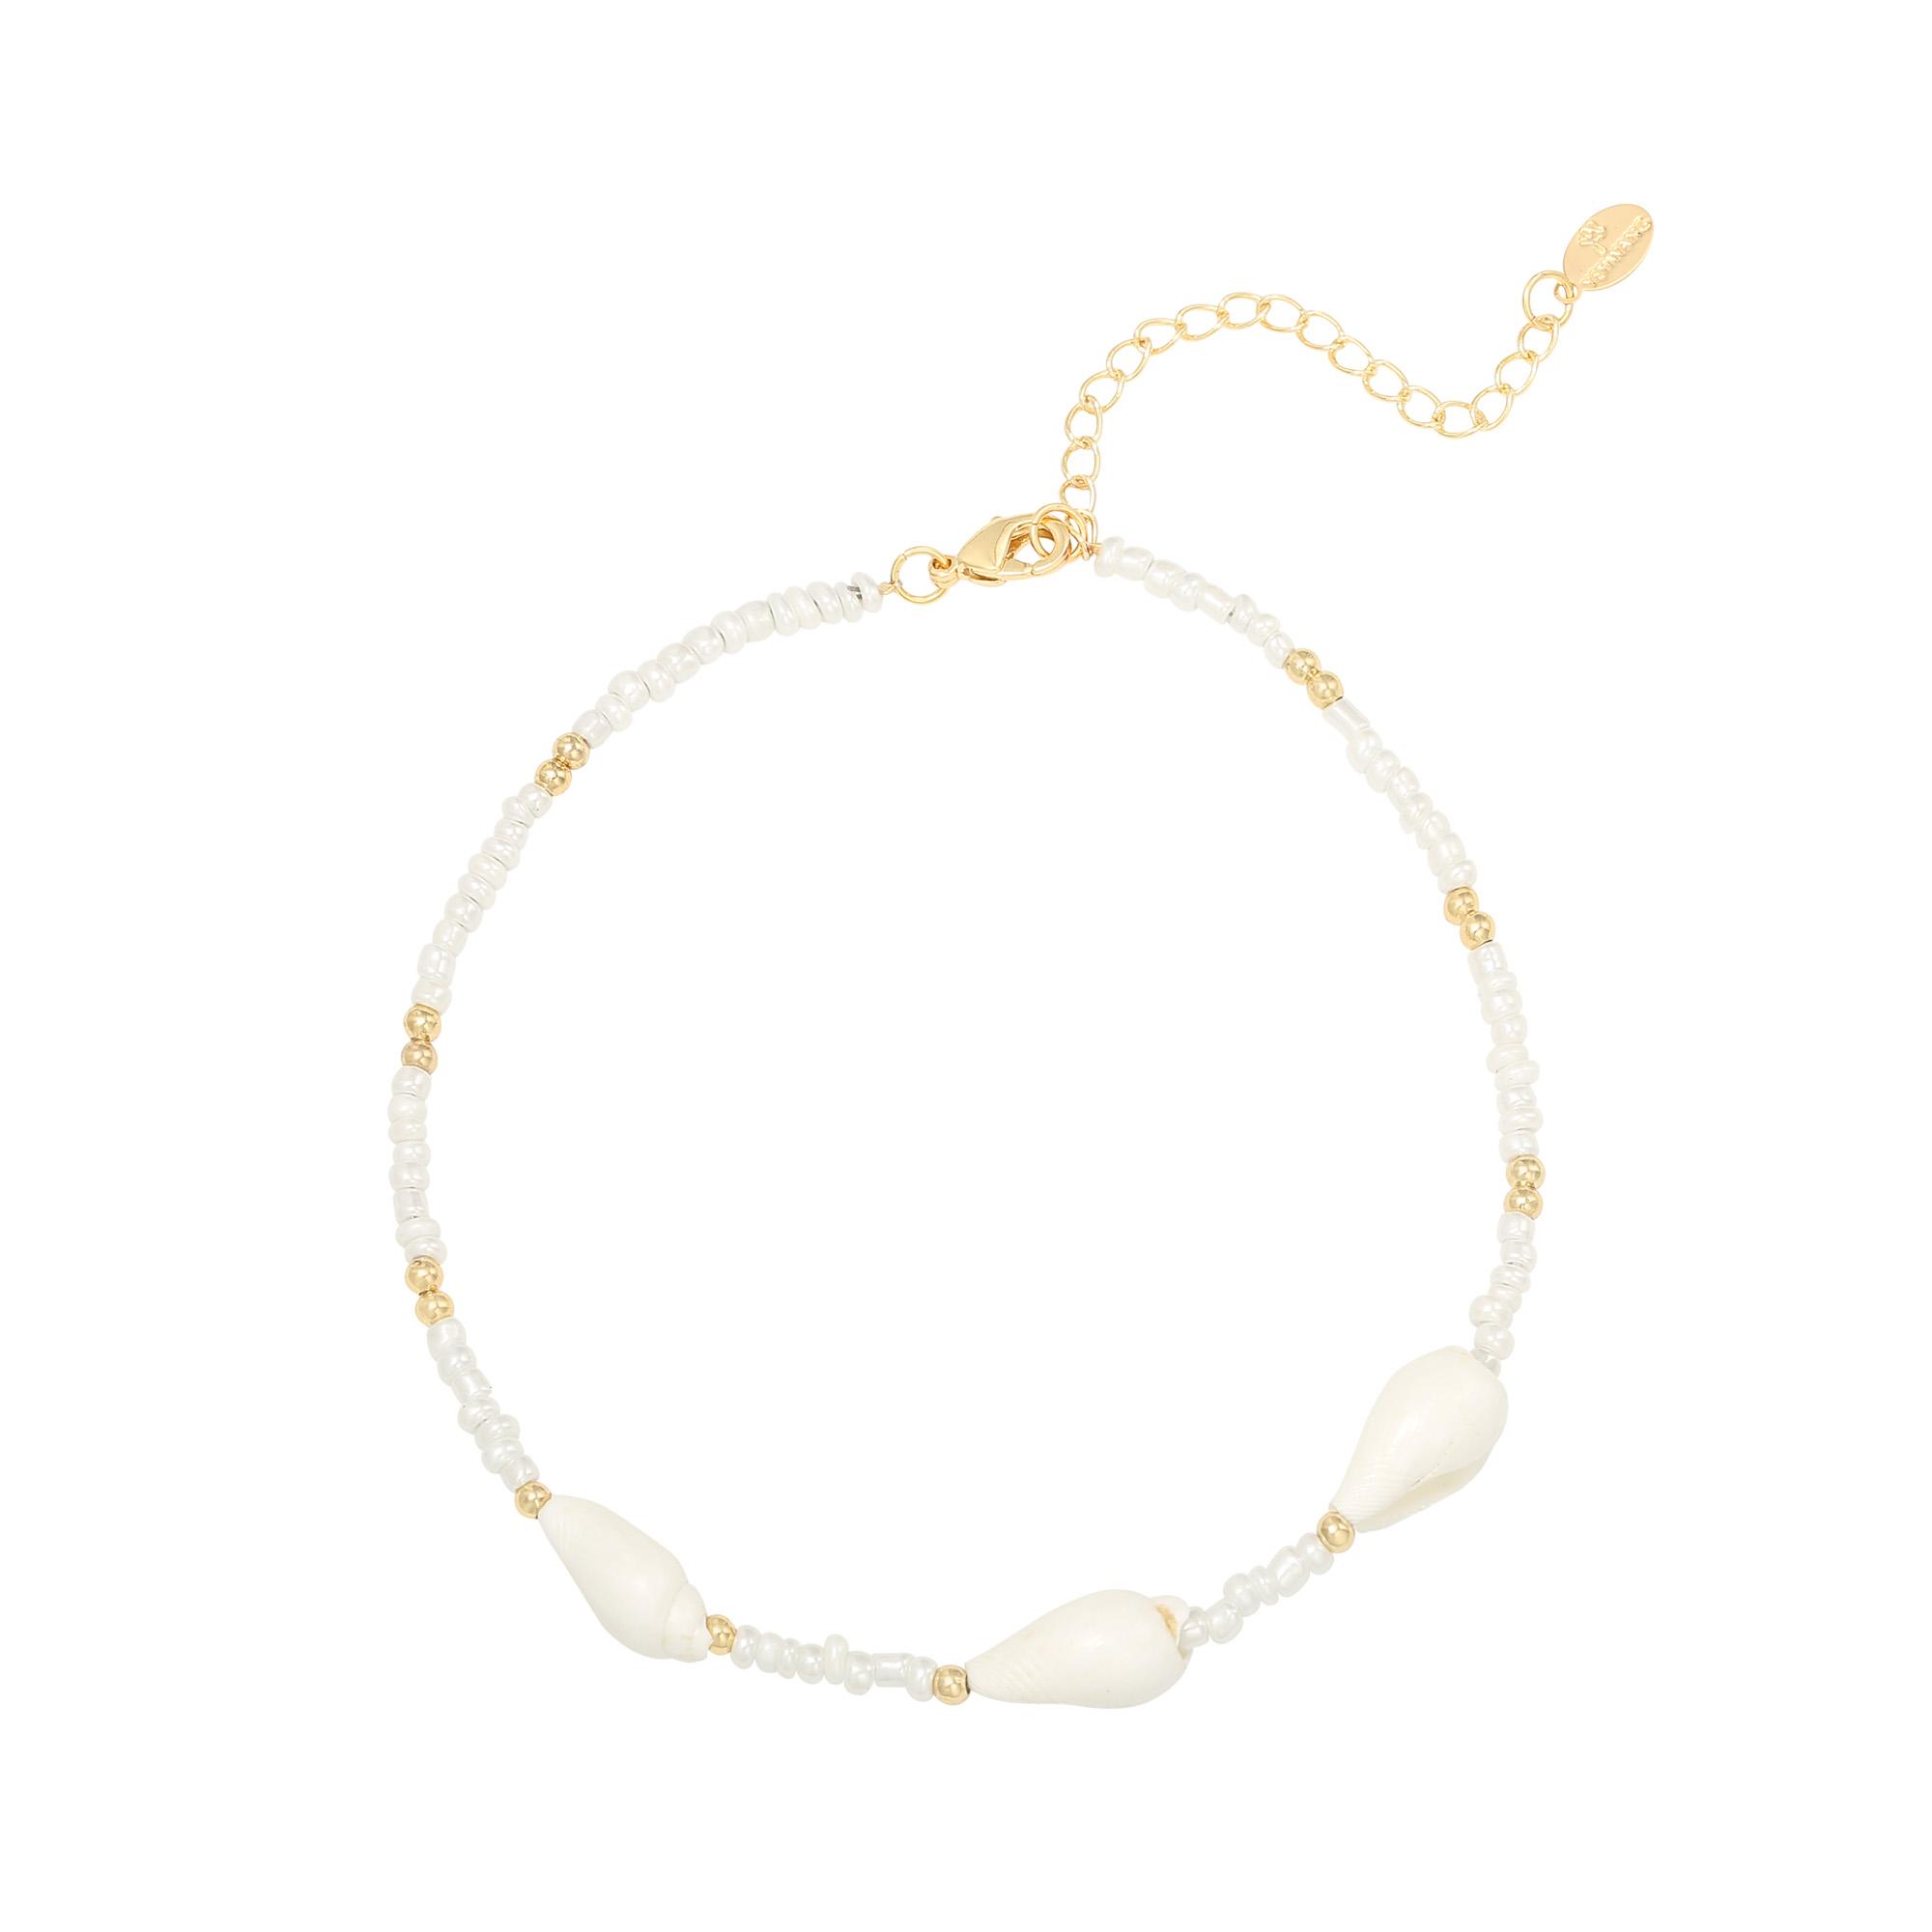 Bandajanas enkelband Hoornschelpjes is een heerlijkzomers enkelbandje in de kleuren wit/goud. Staat prachtig bij jouw bruine benen!